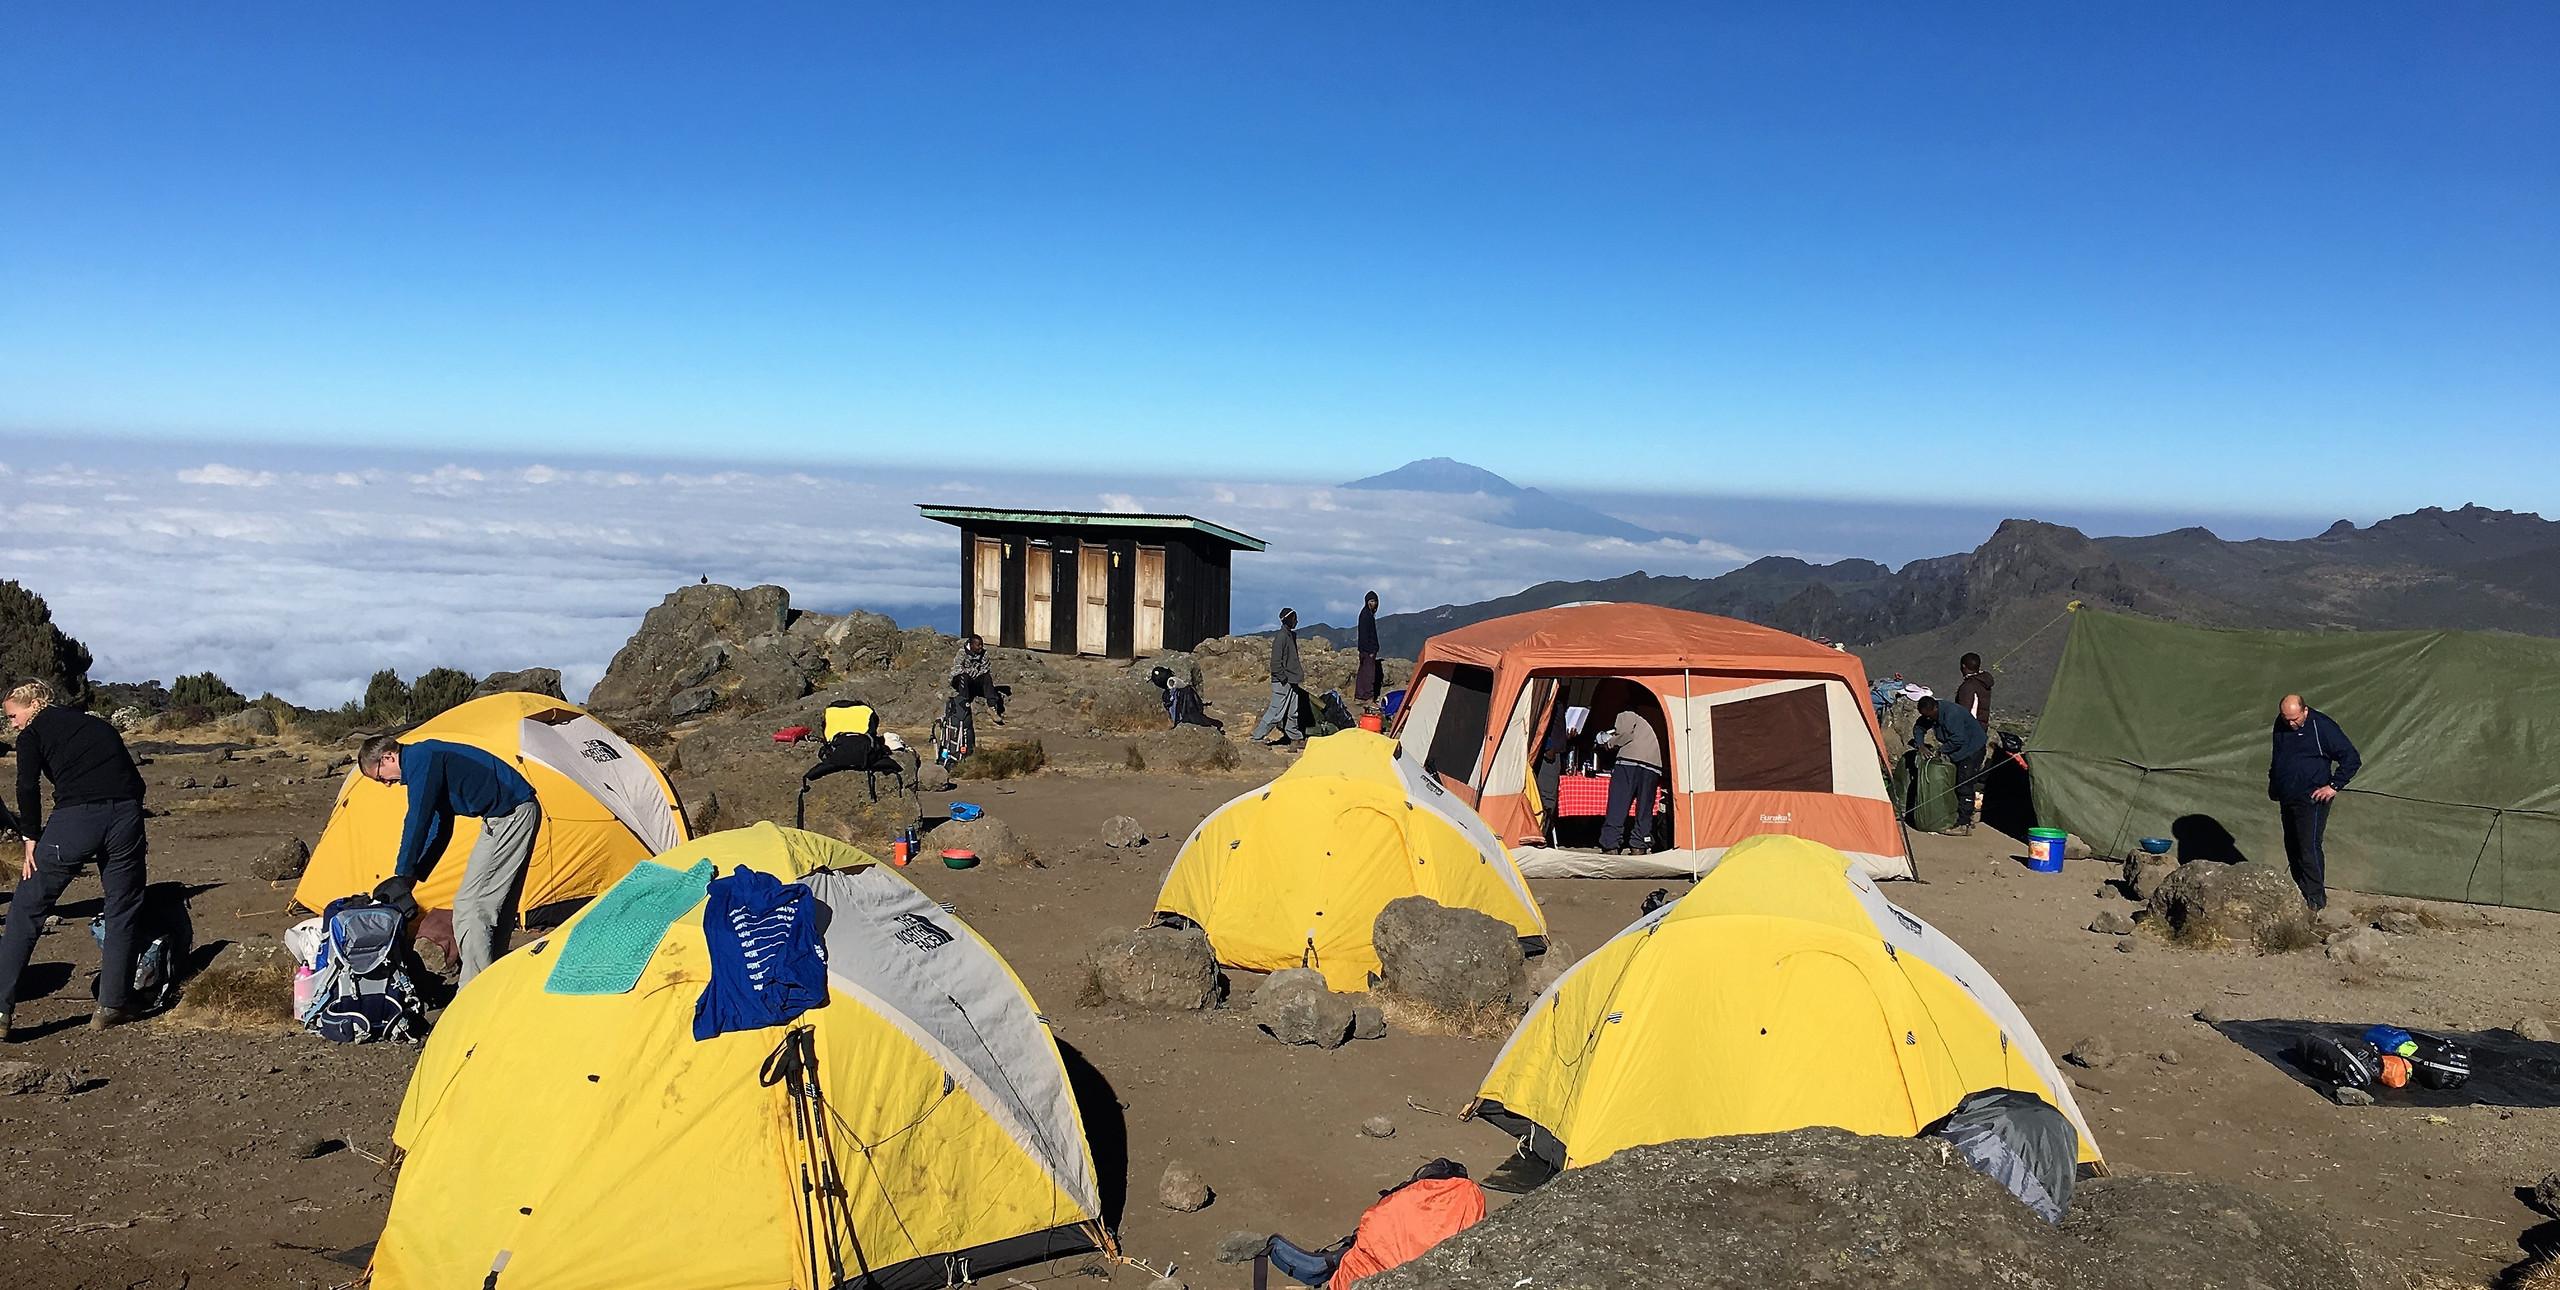 Восхождение на Килиманджаро по маршруту Лемошо | Блог о путешествиях и треккинге 60+| Сергей Чеботов